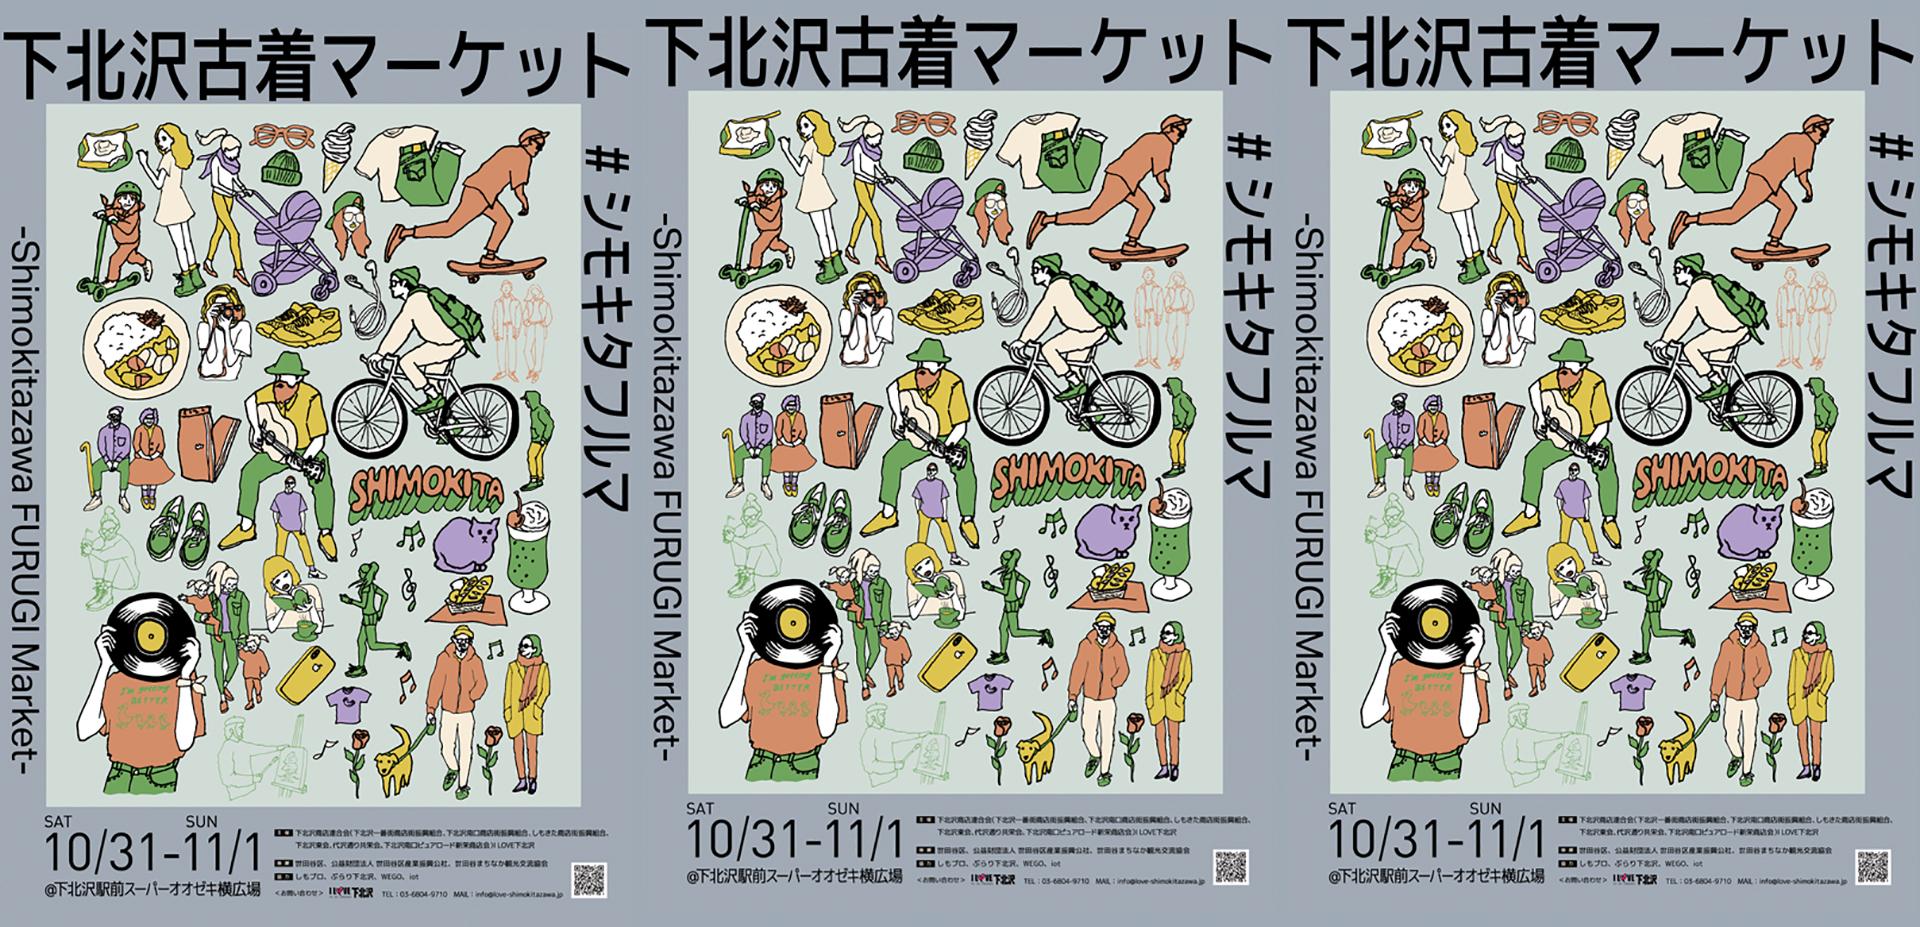 下北沢古着マーケット-Shimokitazawa FURUGI Market-